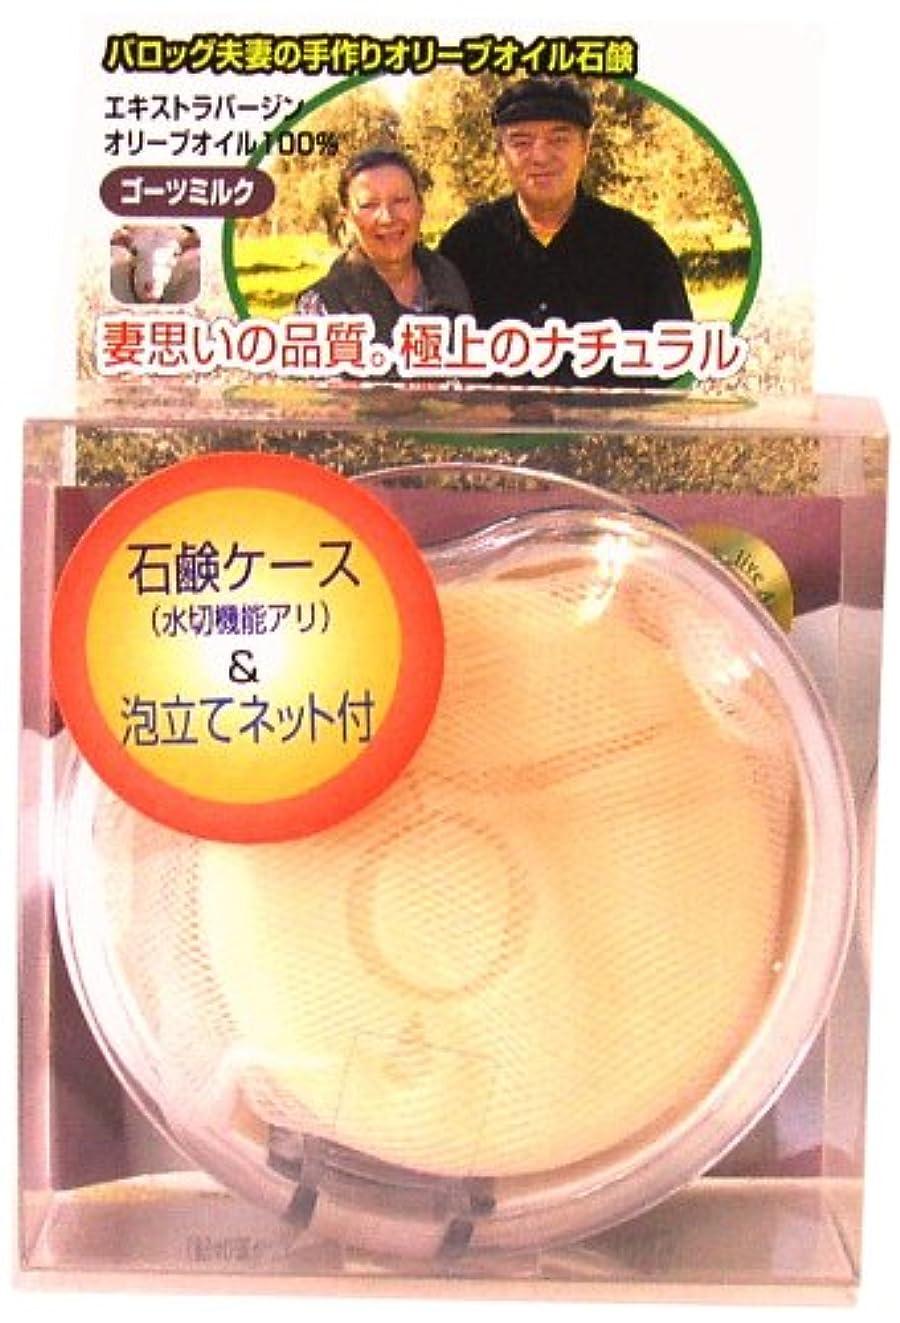 習慣定期的な一般的にバロッグ夫婦の手作りオリーブオイル石鹸 ミニ石鹸ケース付(ゴーツミルク) 20g